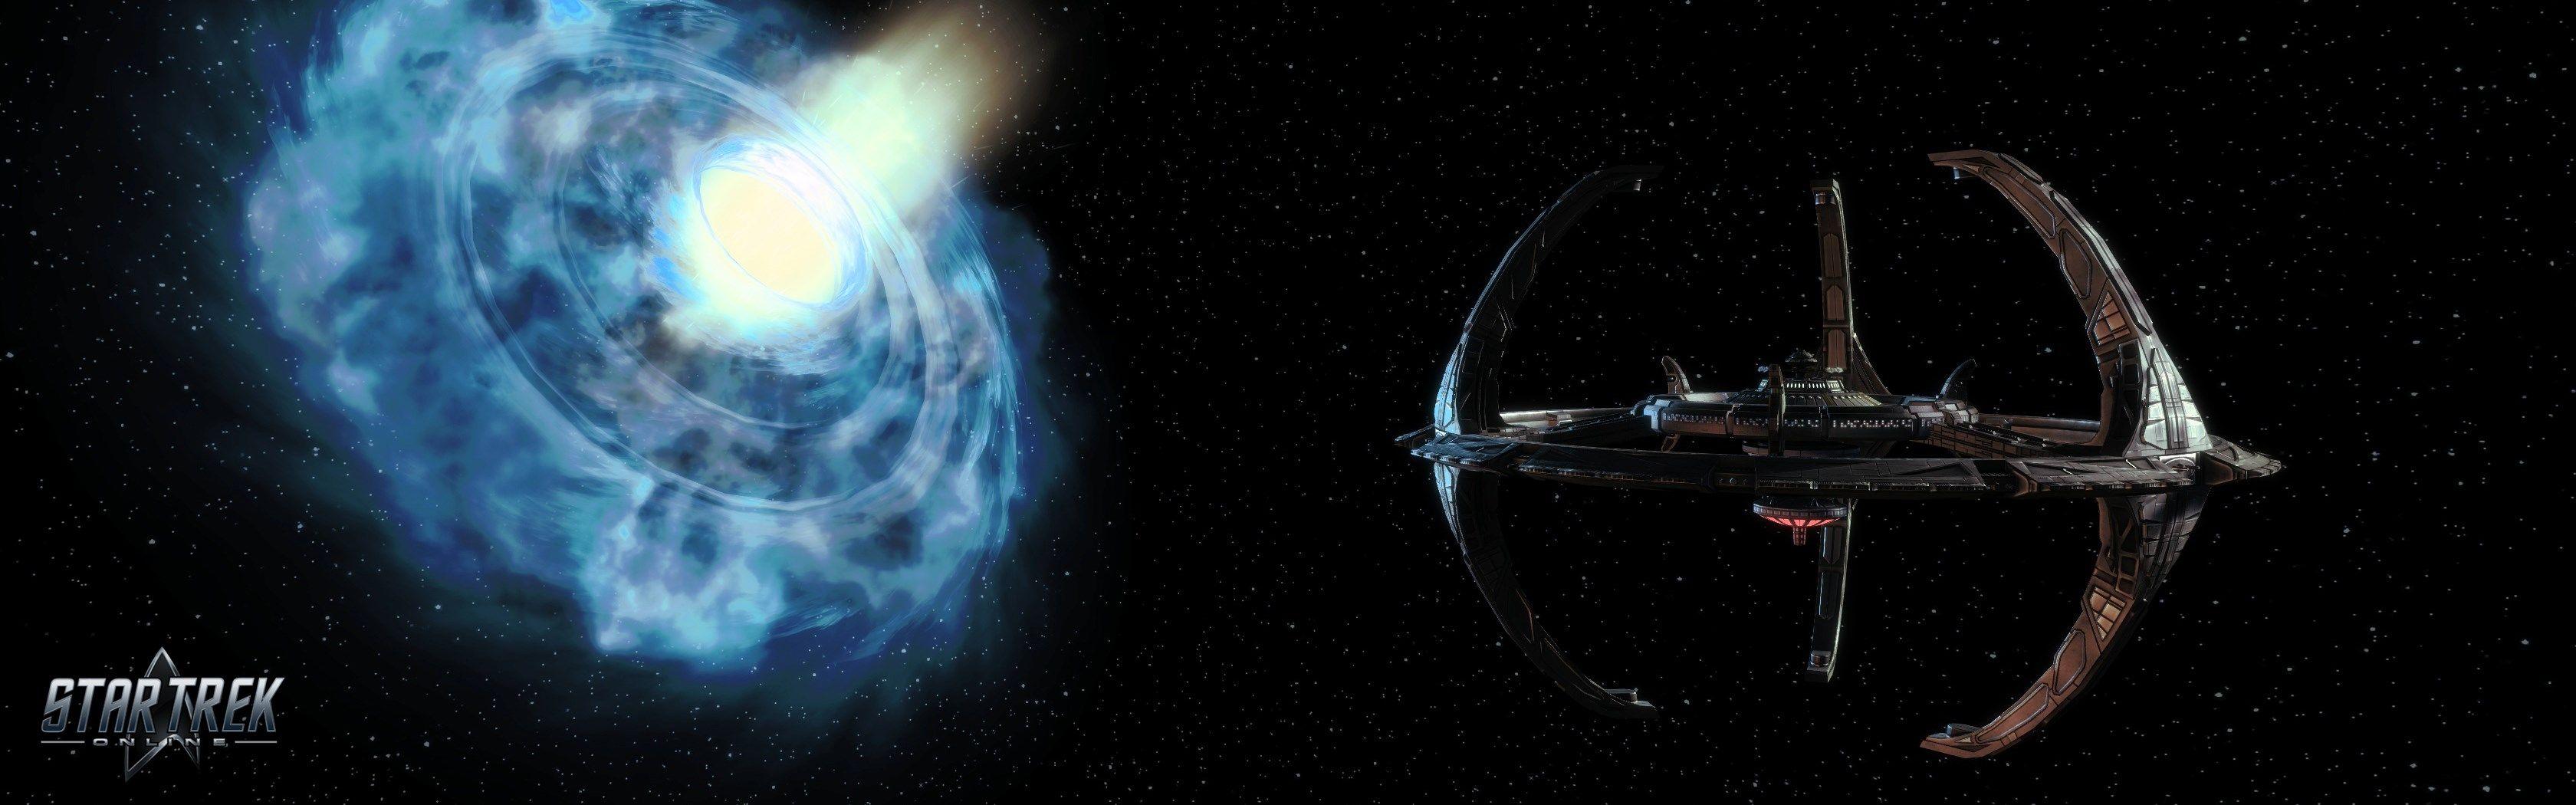 Star Trek Online For Large Desktop Star Trek Online Star Trek Trek